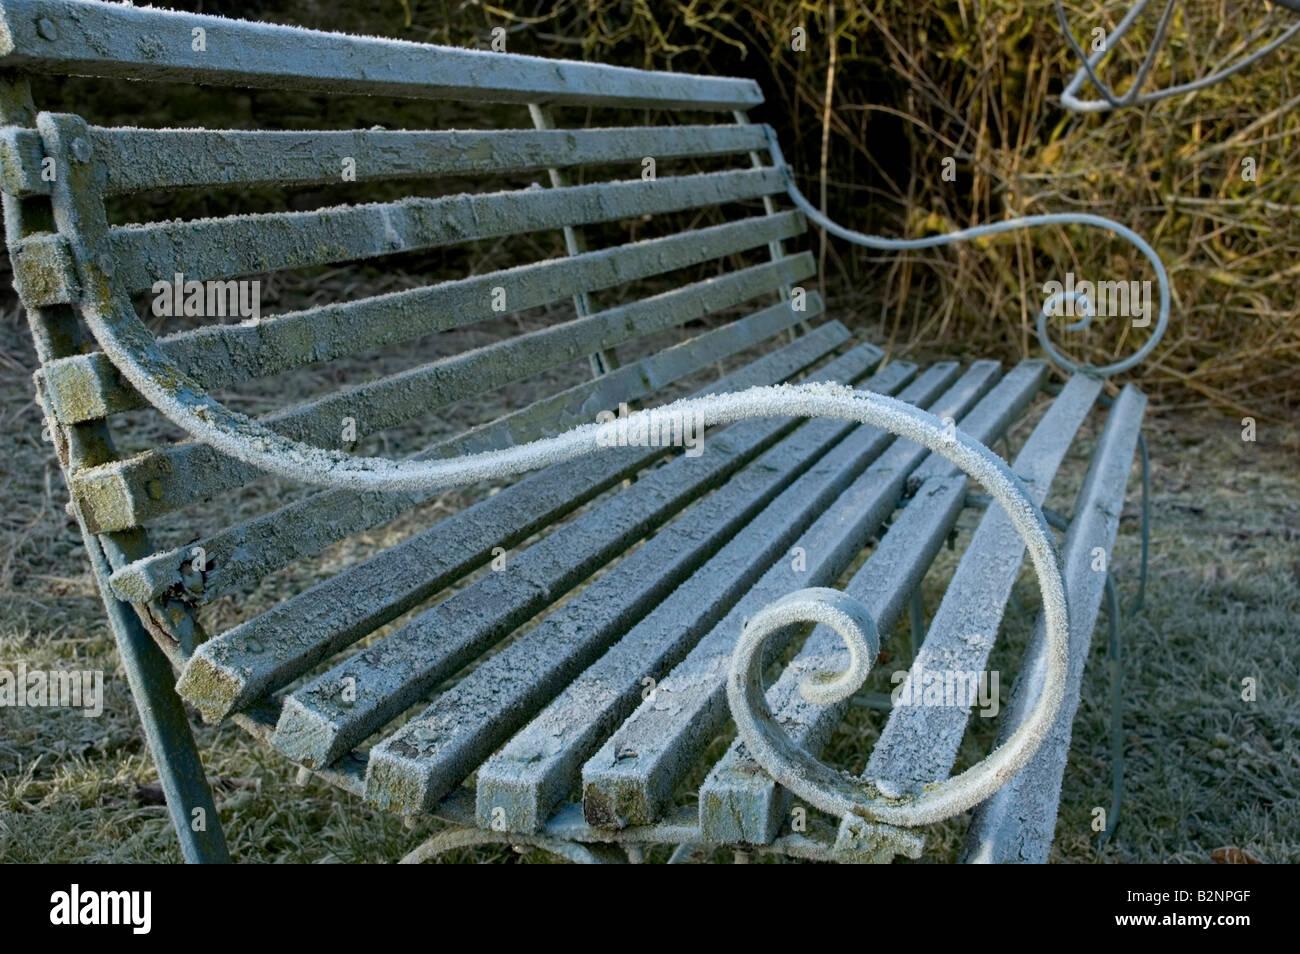 Banc de jardin couvert de givre en hiver Banque D'Images